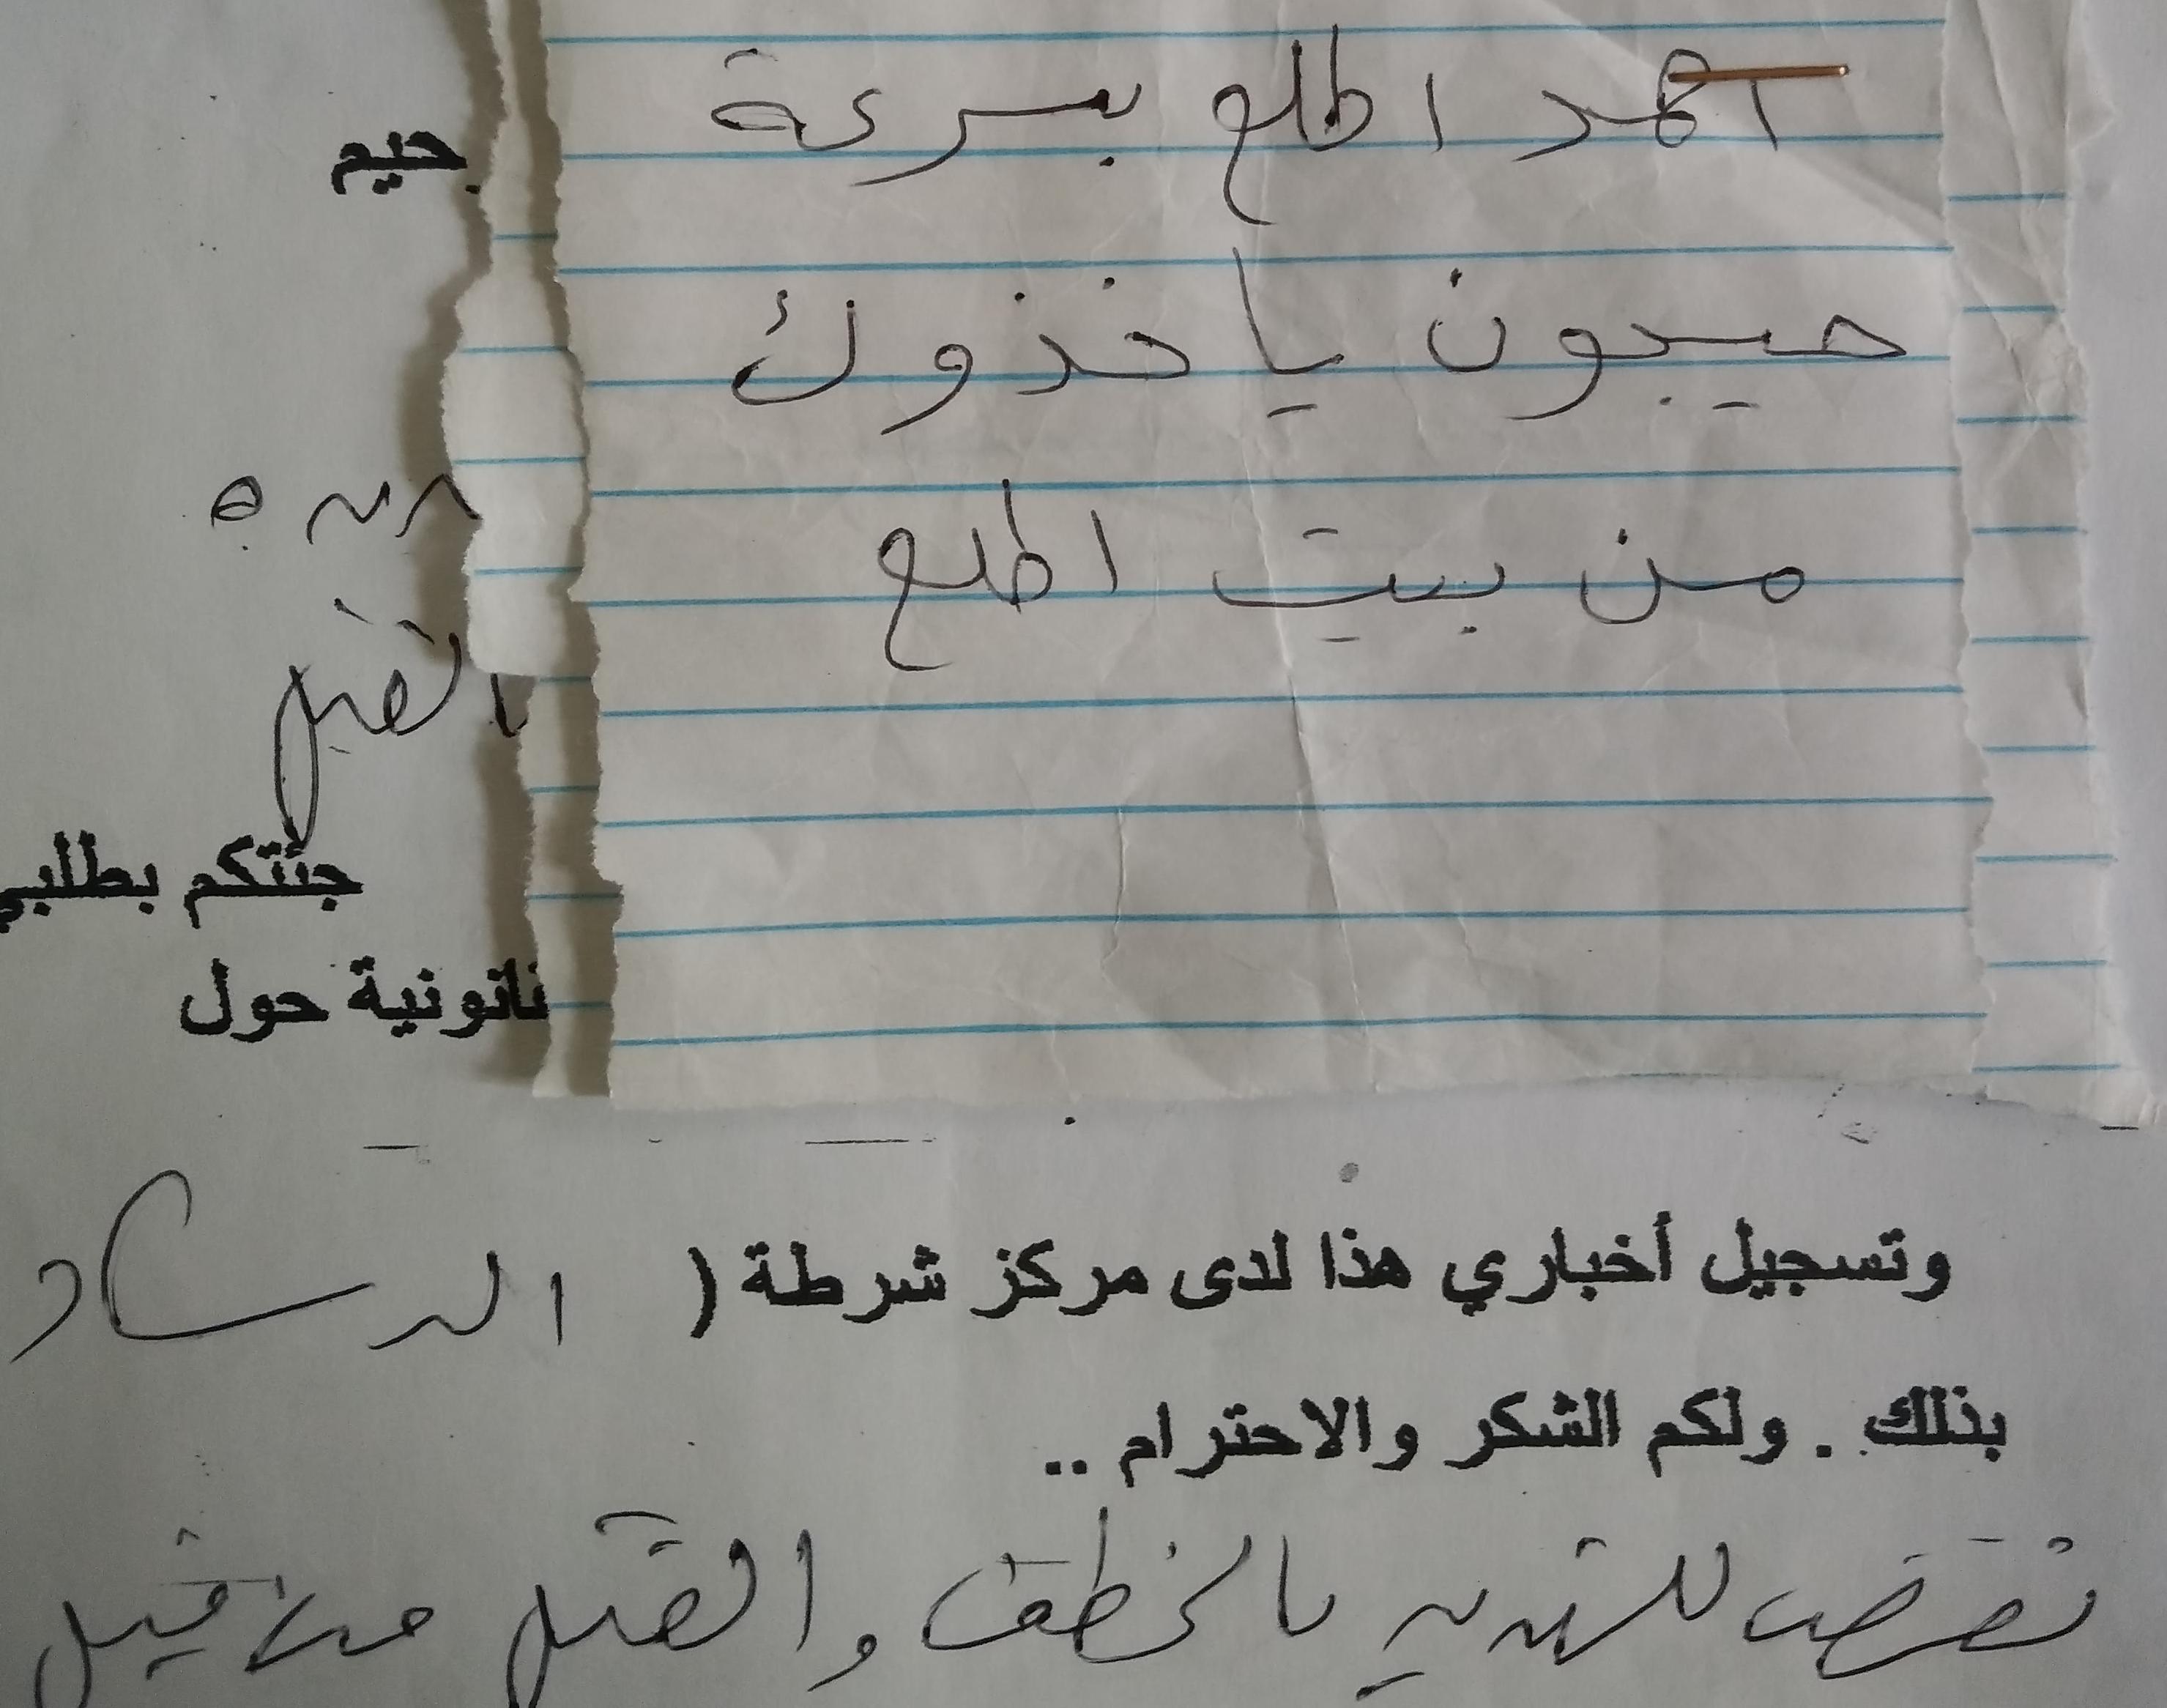 Anonyme Drohung und zugleich Warnung, am 28. Juli 2015 an Ahmeds Haustür